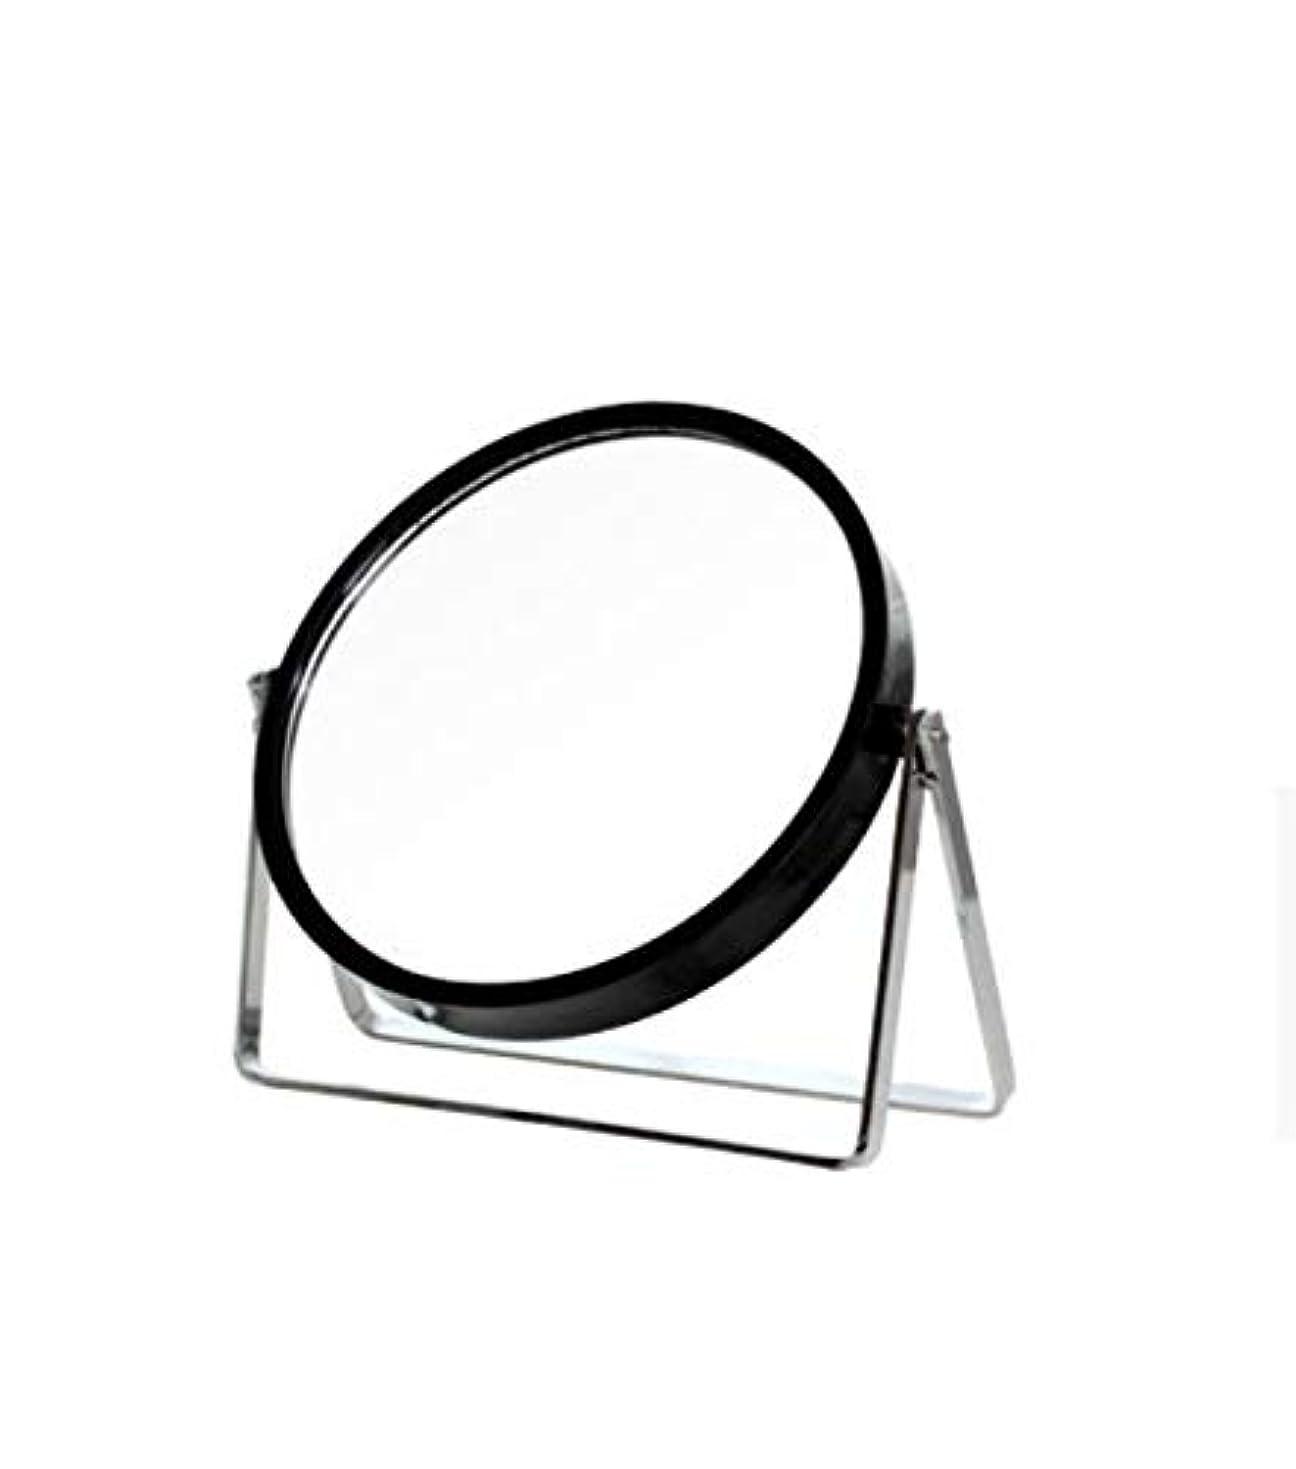 練習音楽家お嬢化粧鏡、シンプルなラウンドホーム寮デスクトップ化粧鏡化粧ギフト (Color : ブラック)